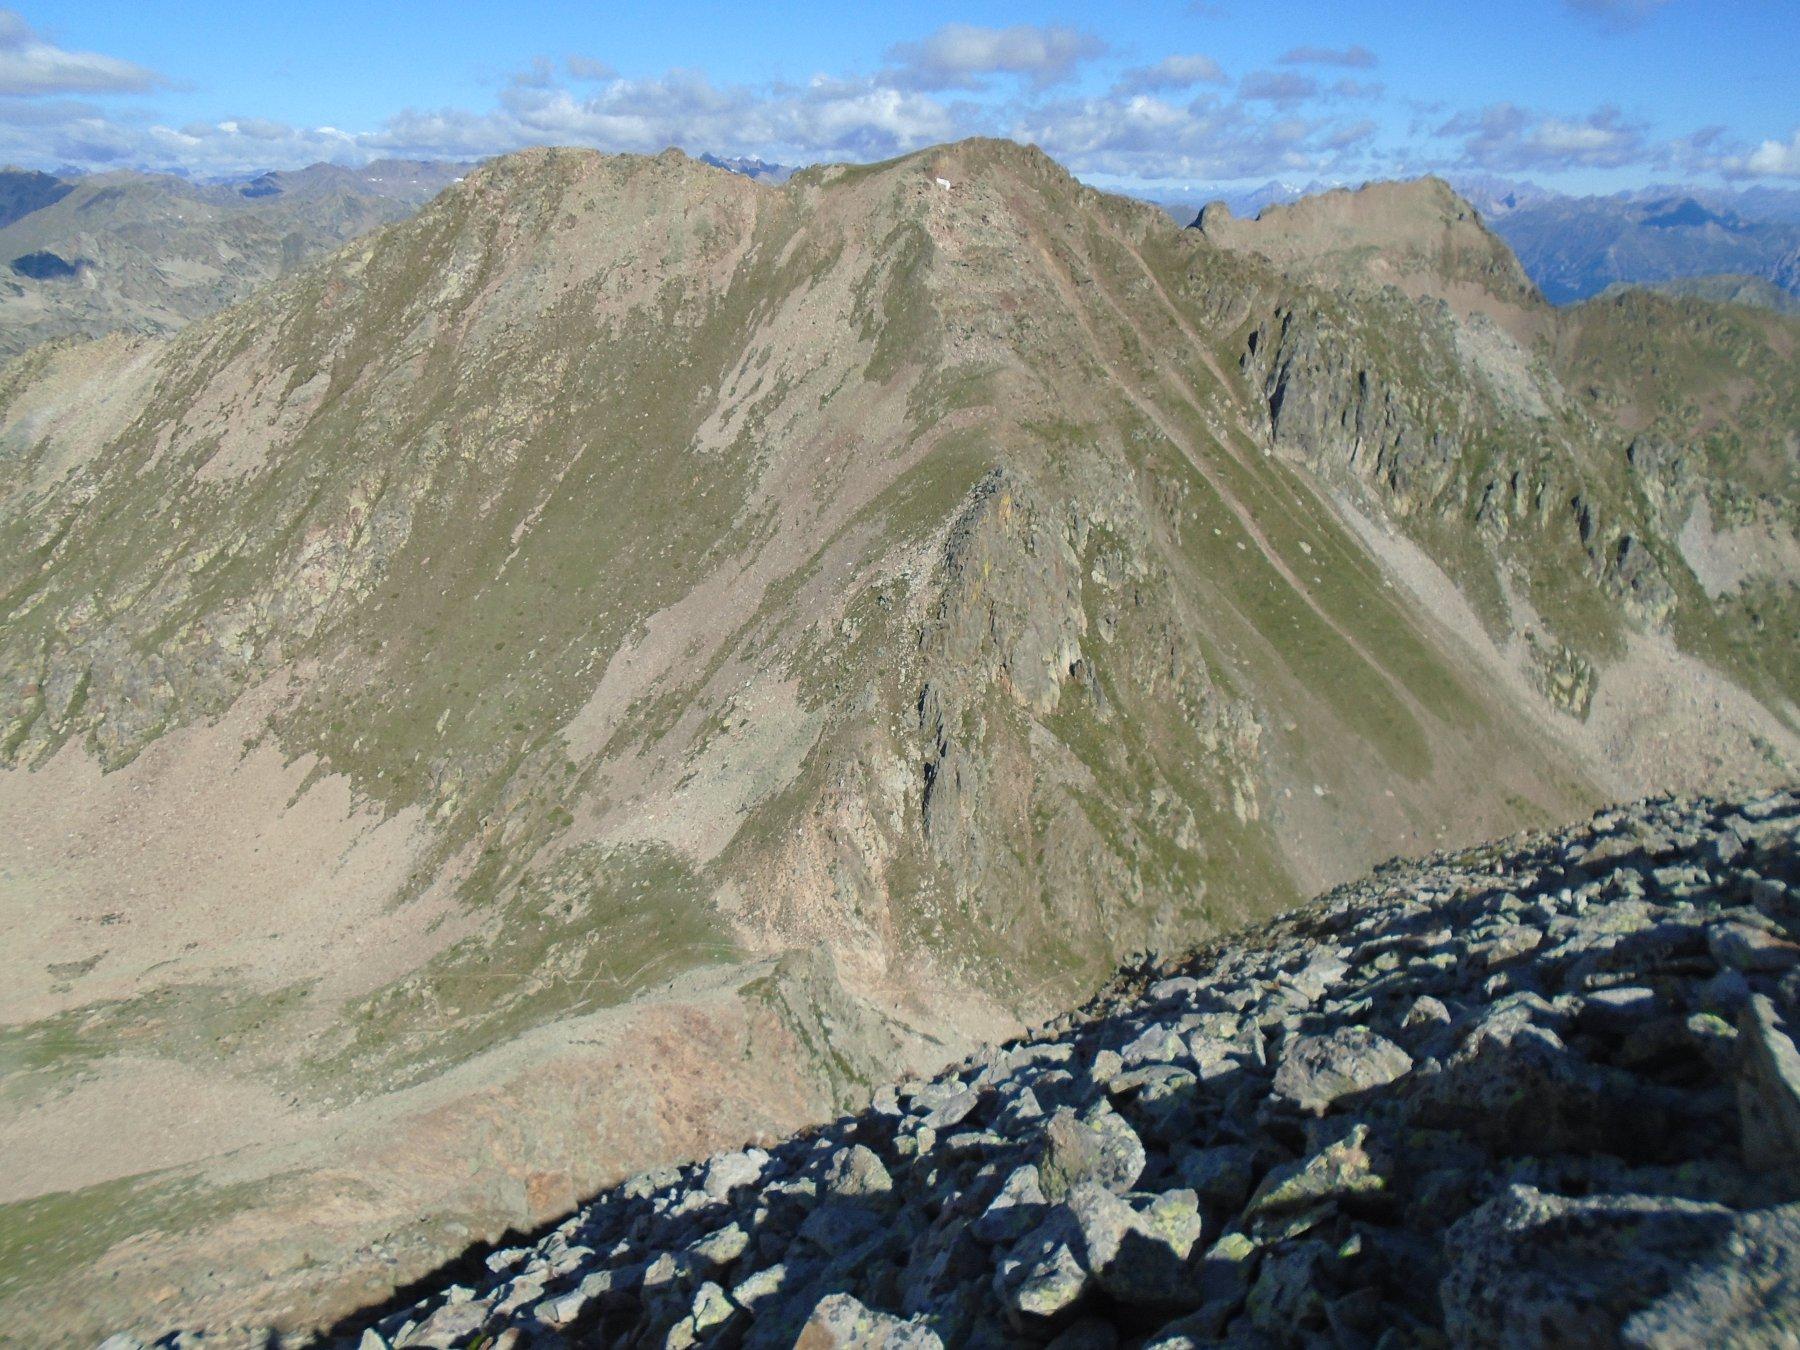 Monte Aver di fronte, in basso Colle dei Morti